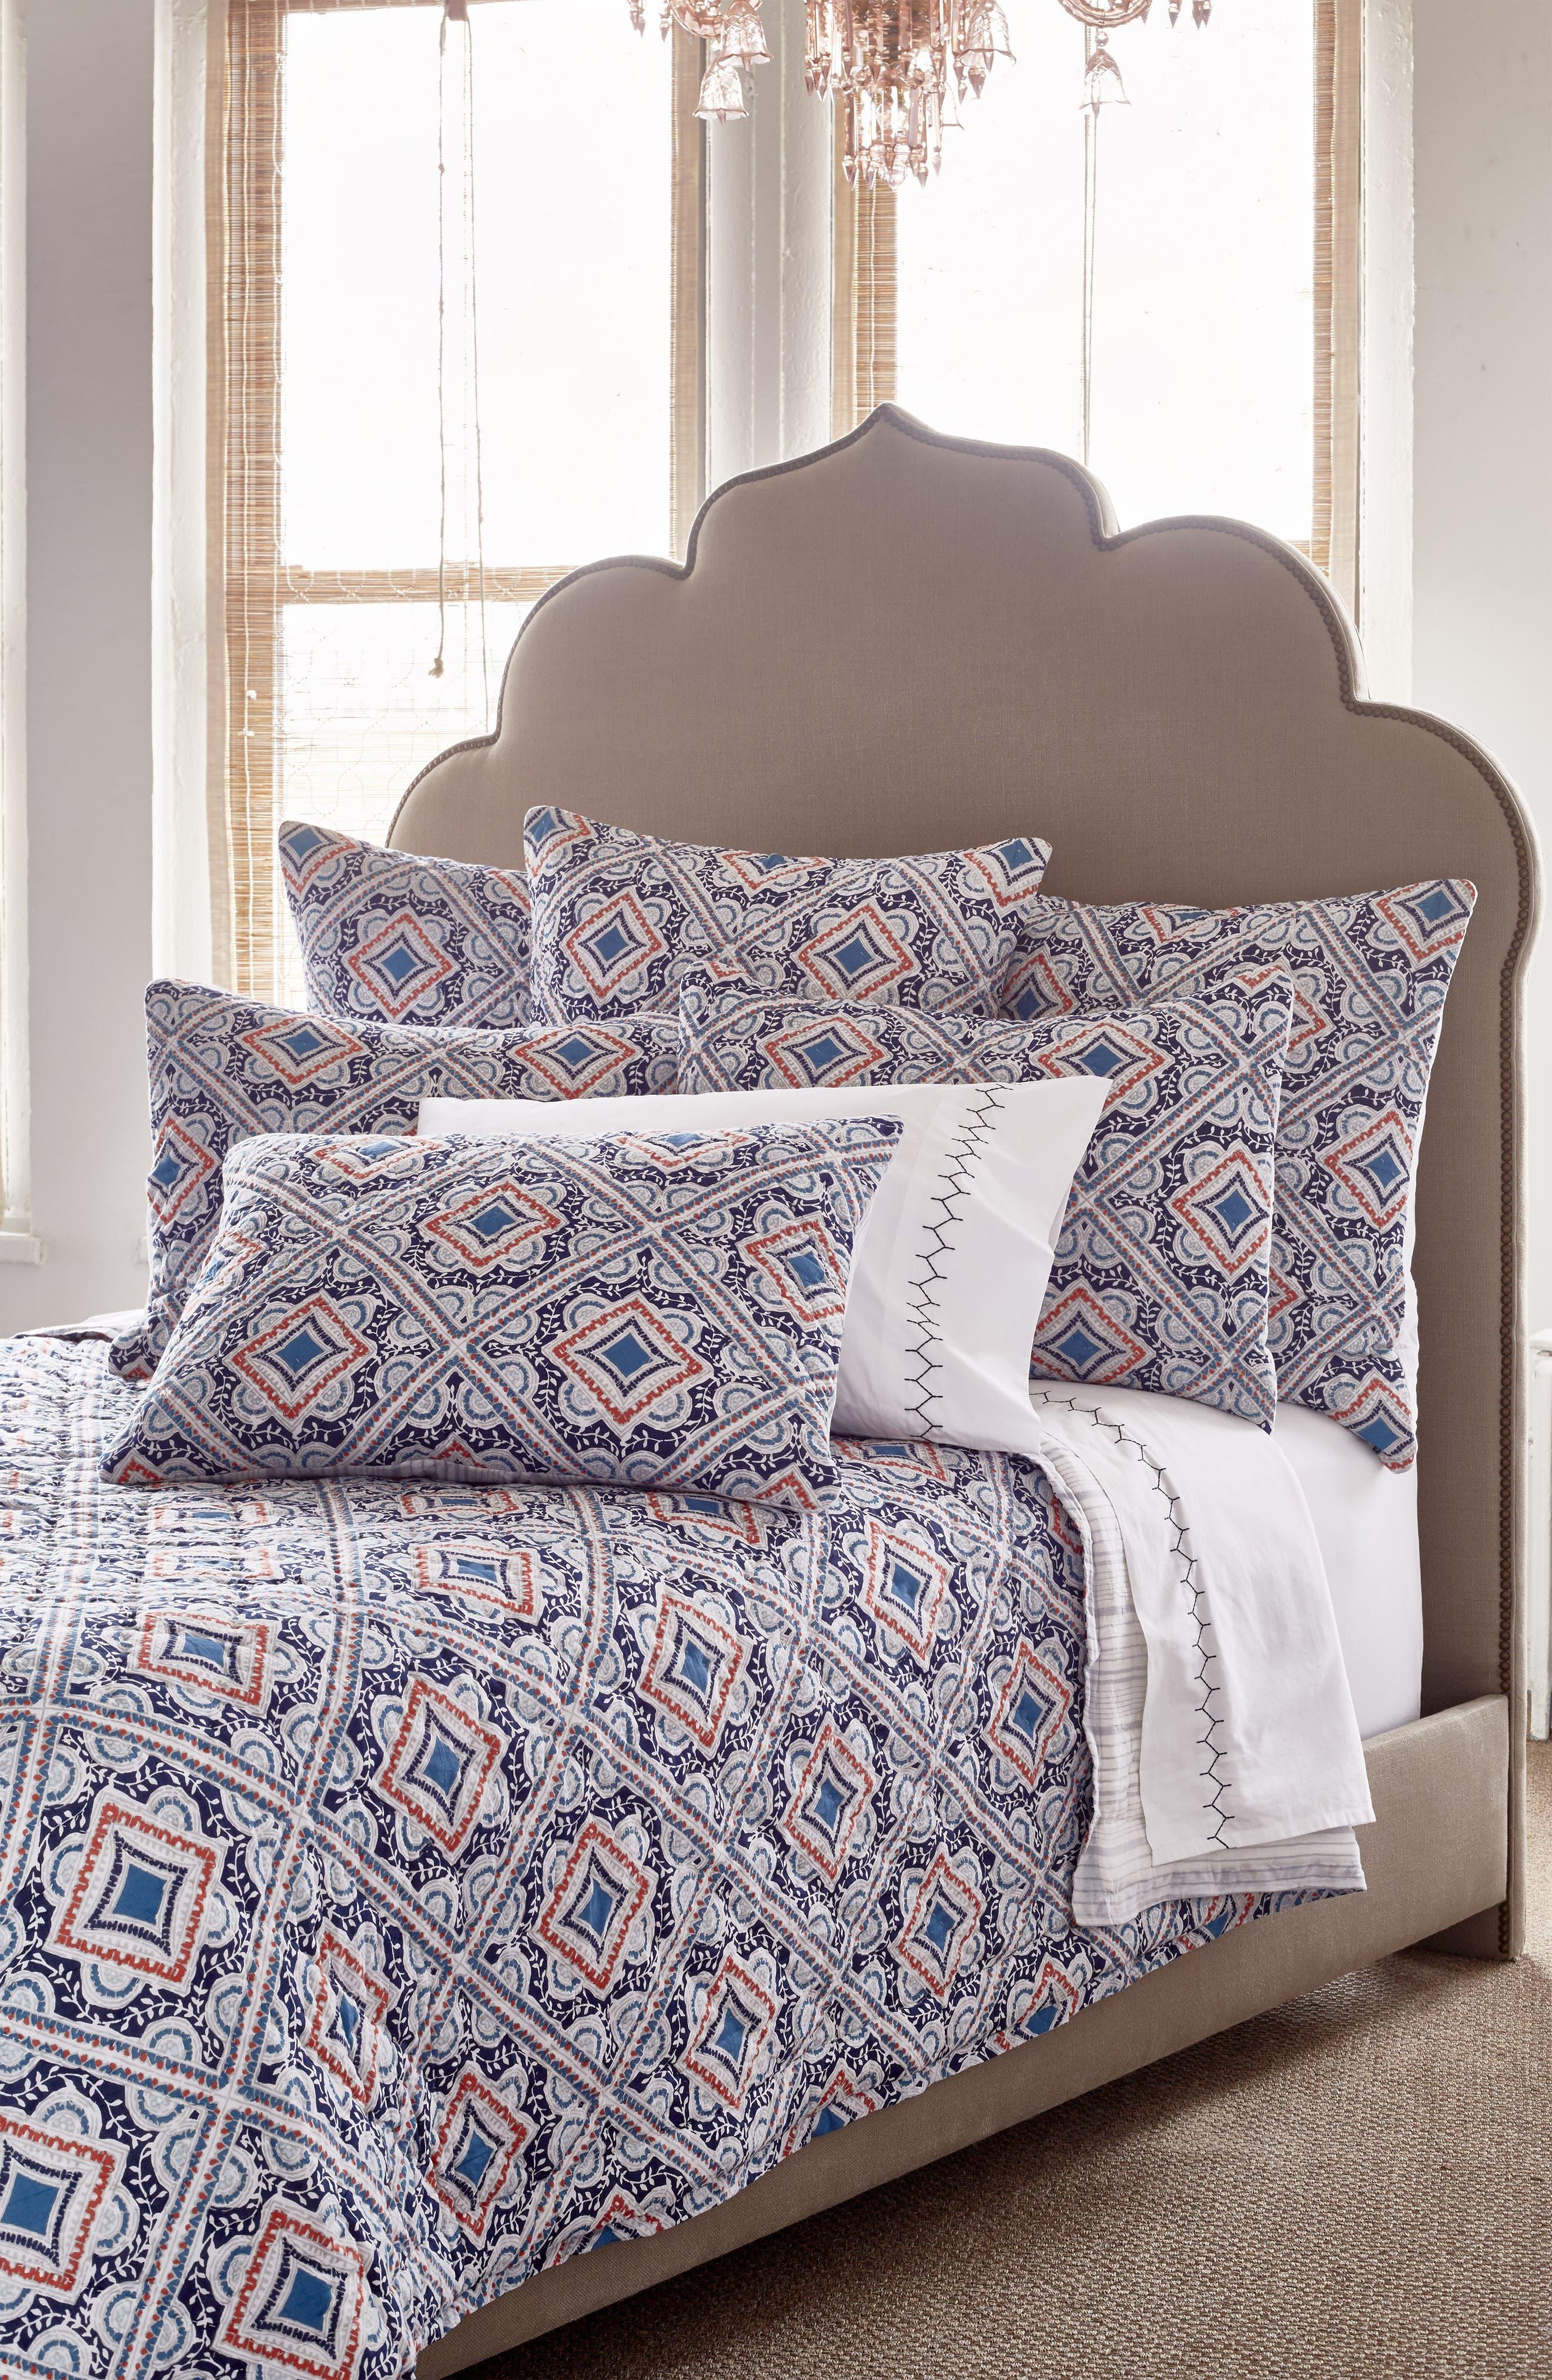 Sakuna 300 Thread Count Pillowcases,                             Alternate thumbnail 2, color,                             White/ Indigo